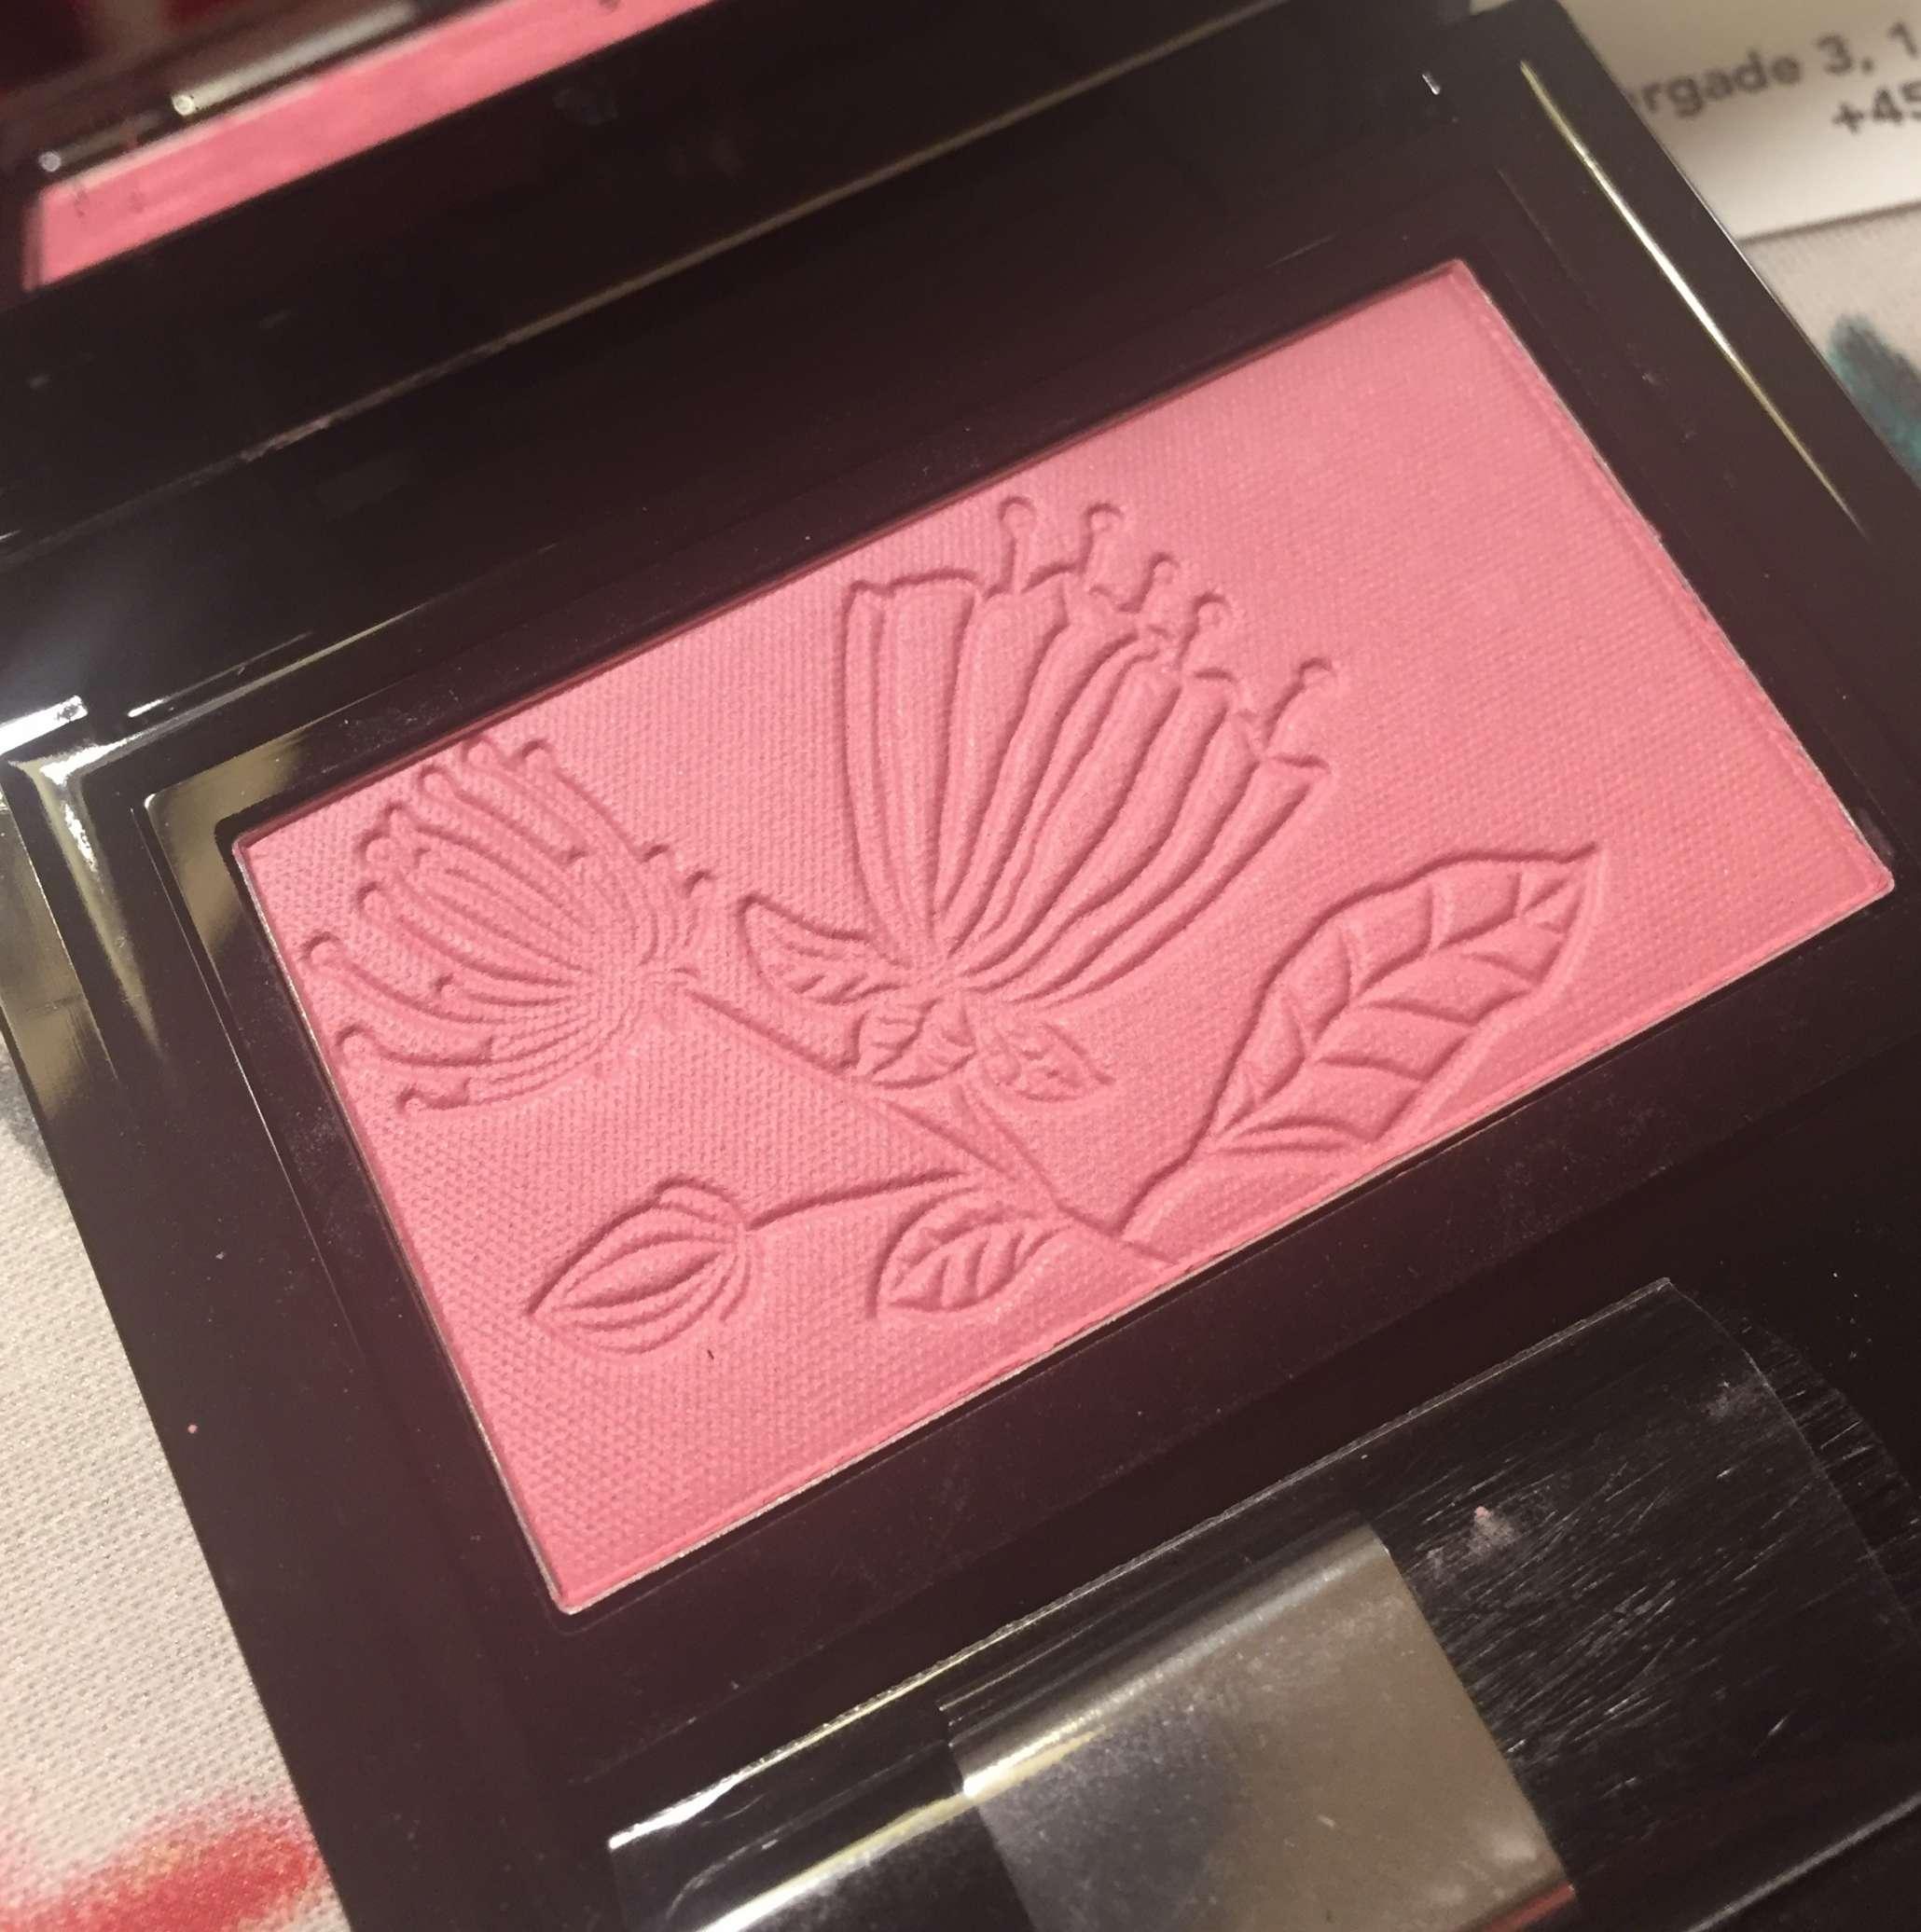 Blush, Rituals, Rituals Makeup, Krummeskrummelurer, Soft pink